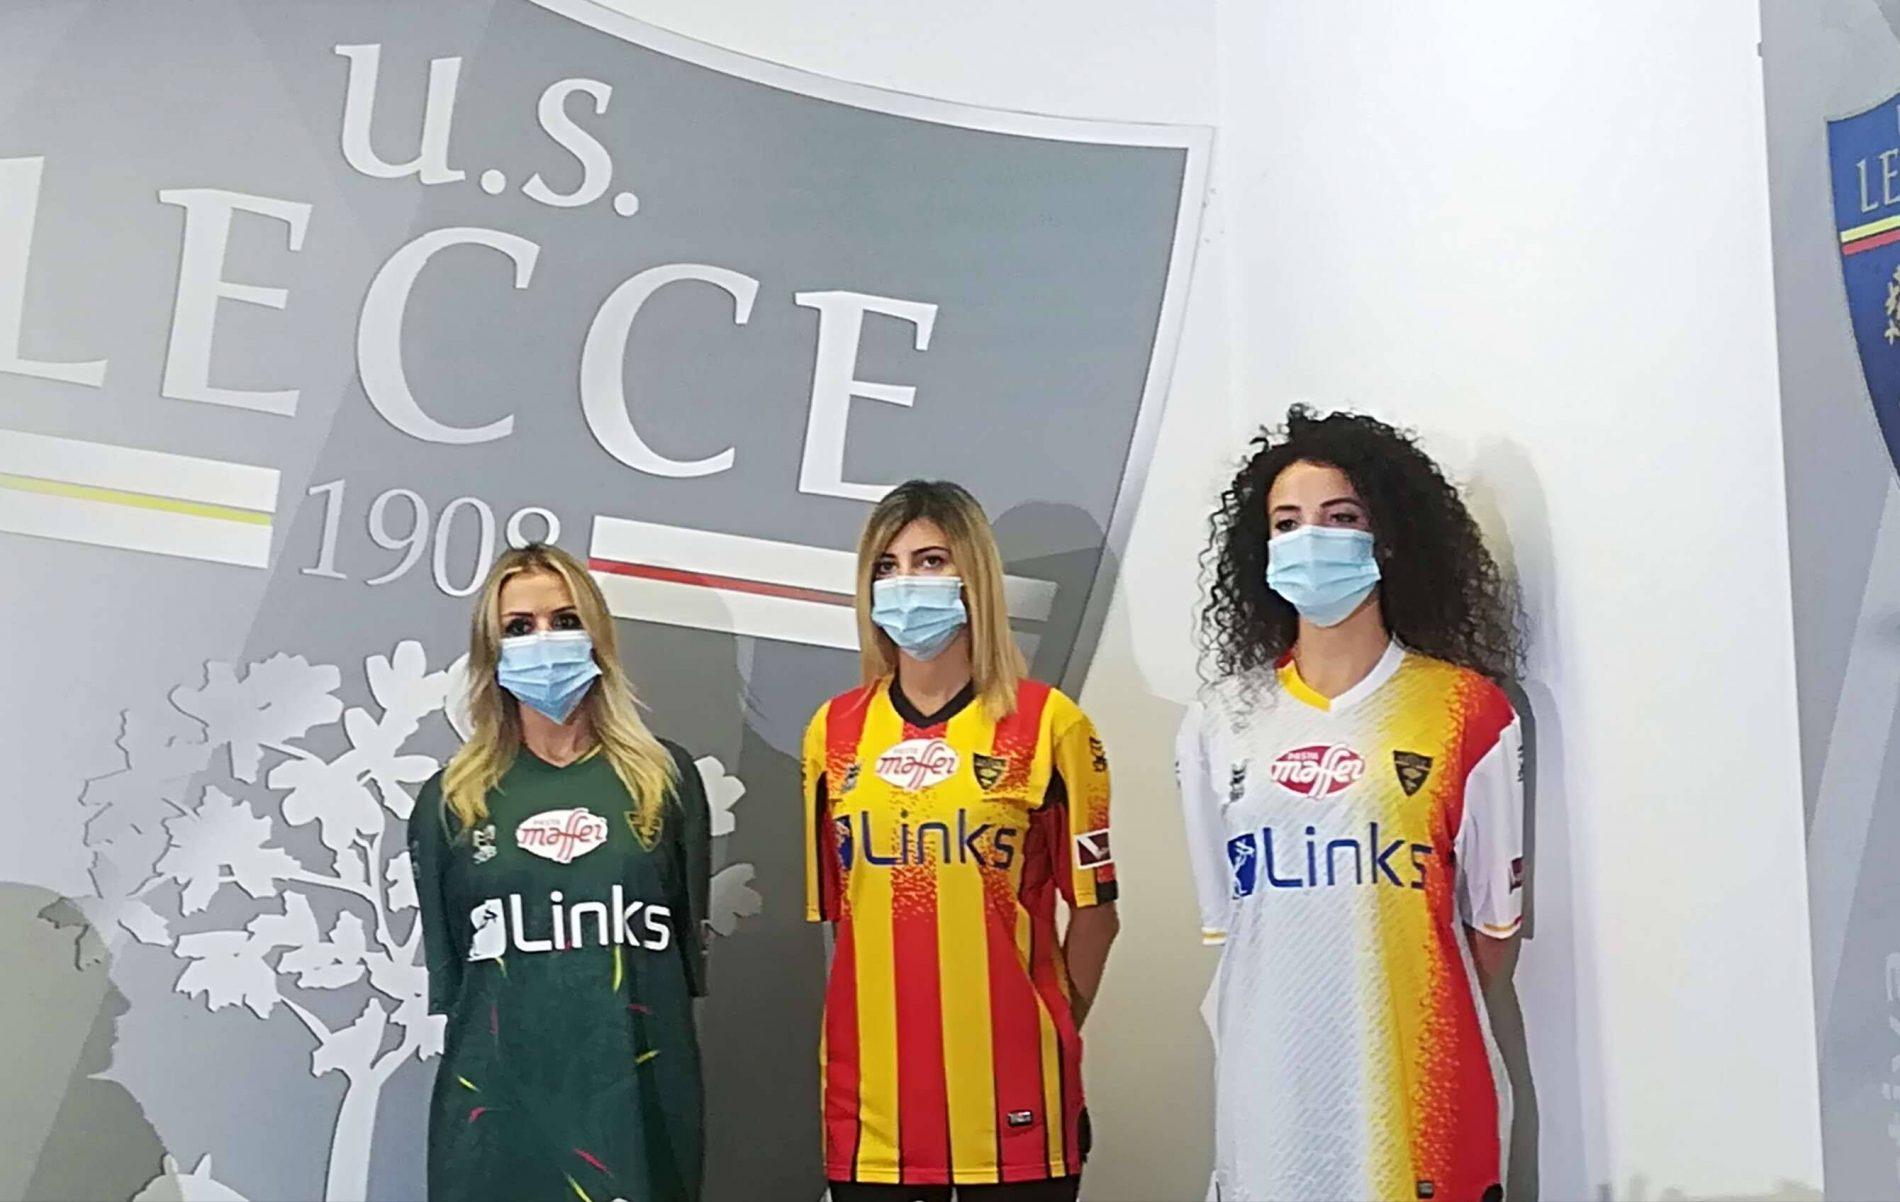 Links è il nuovo sponsor del Lecce calcio nella stagione 2020-2021